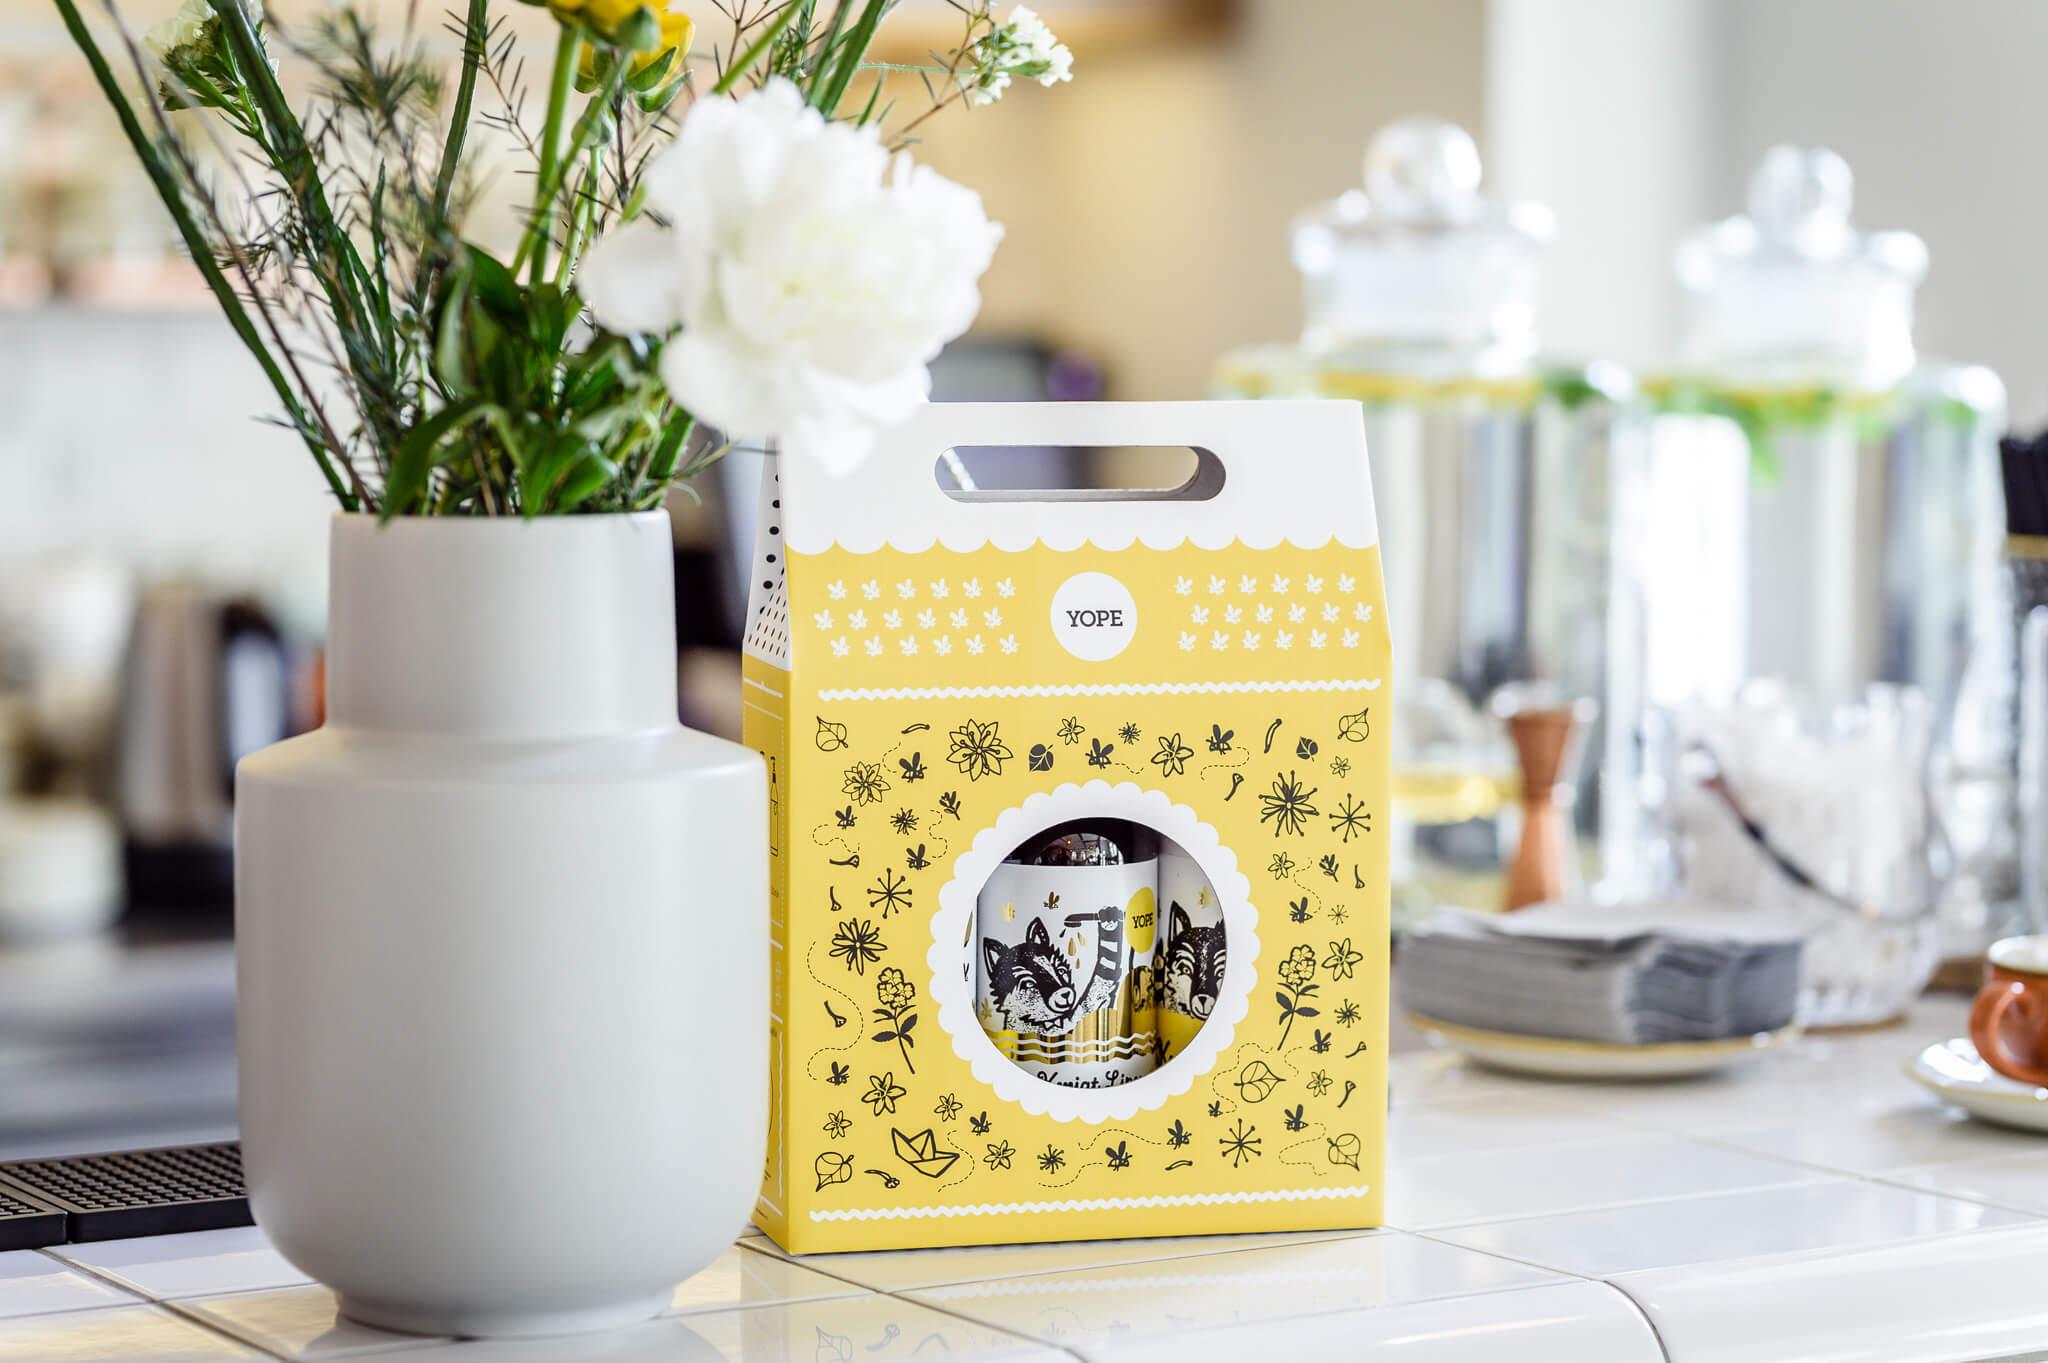 Packaging personnalisé Yope et pot de fleurs